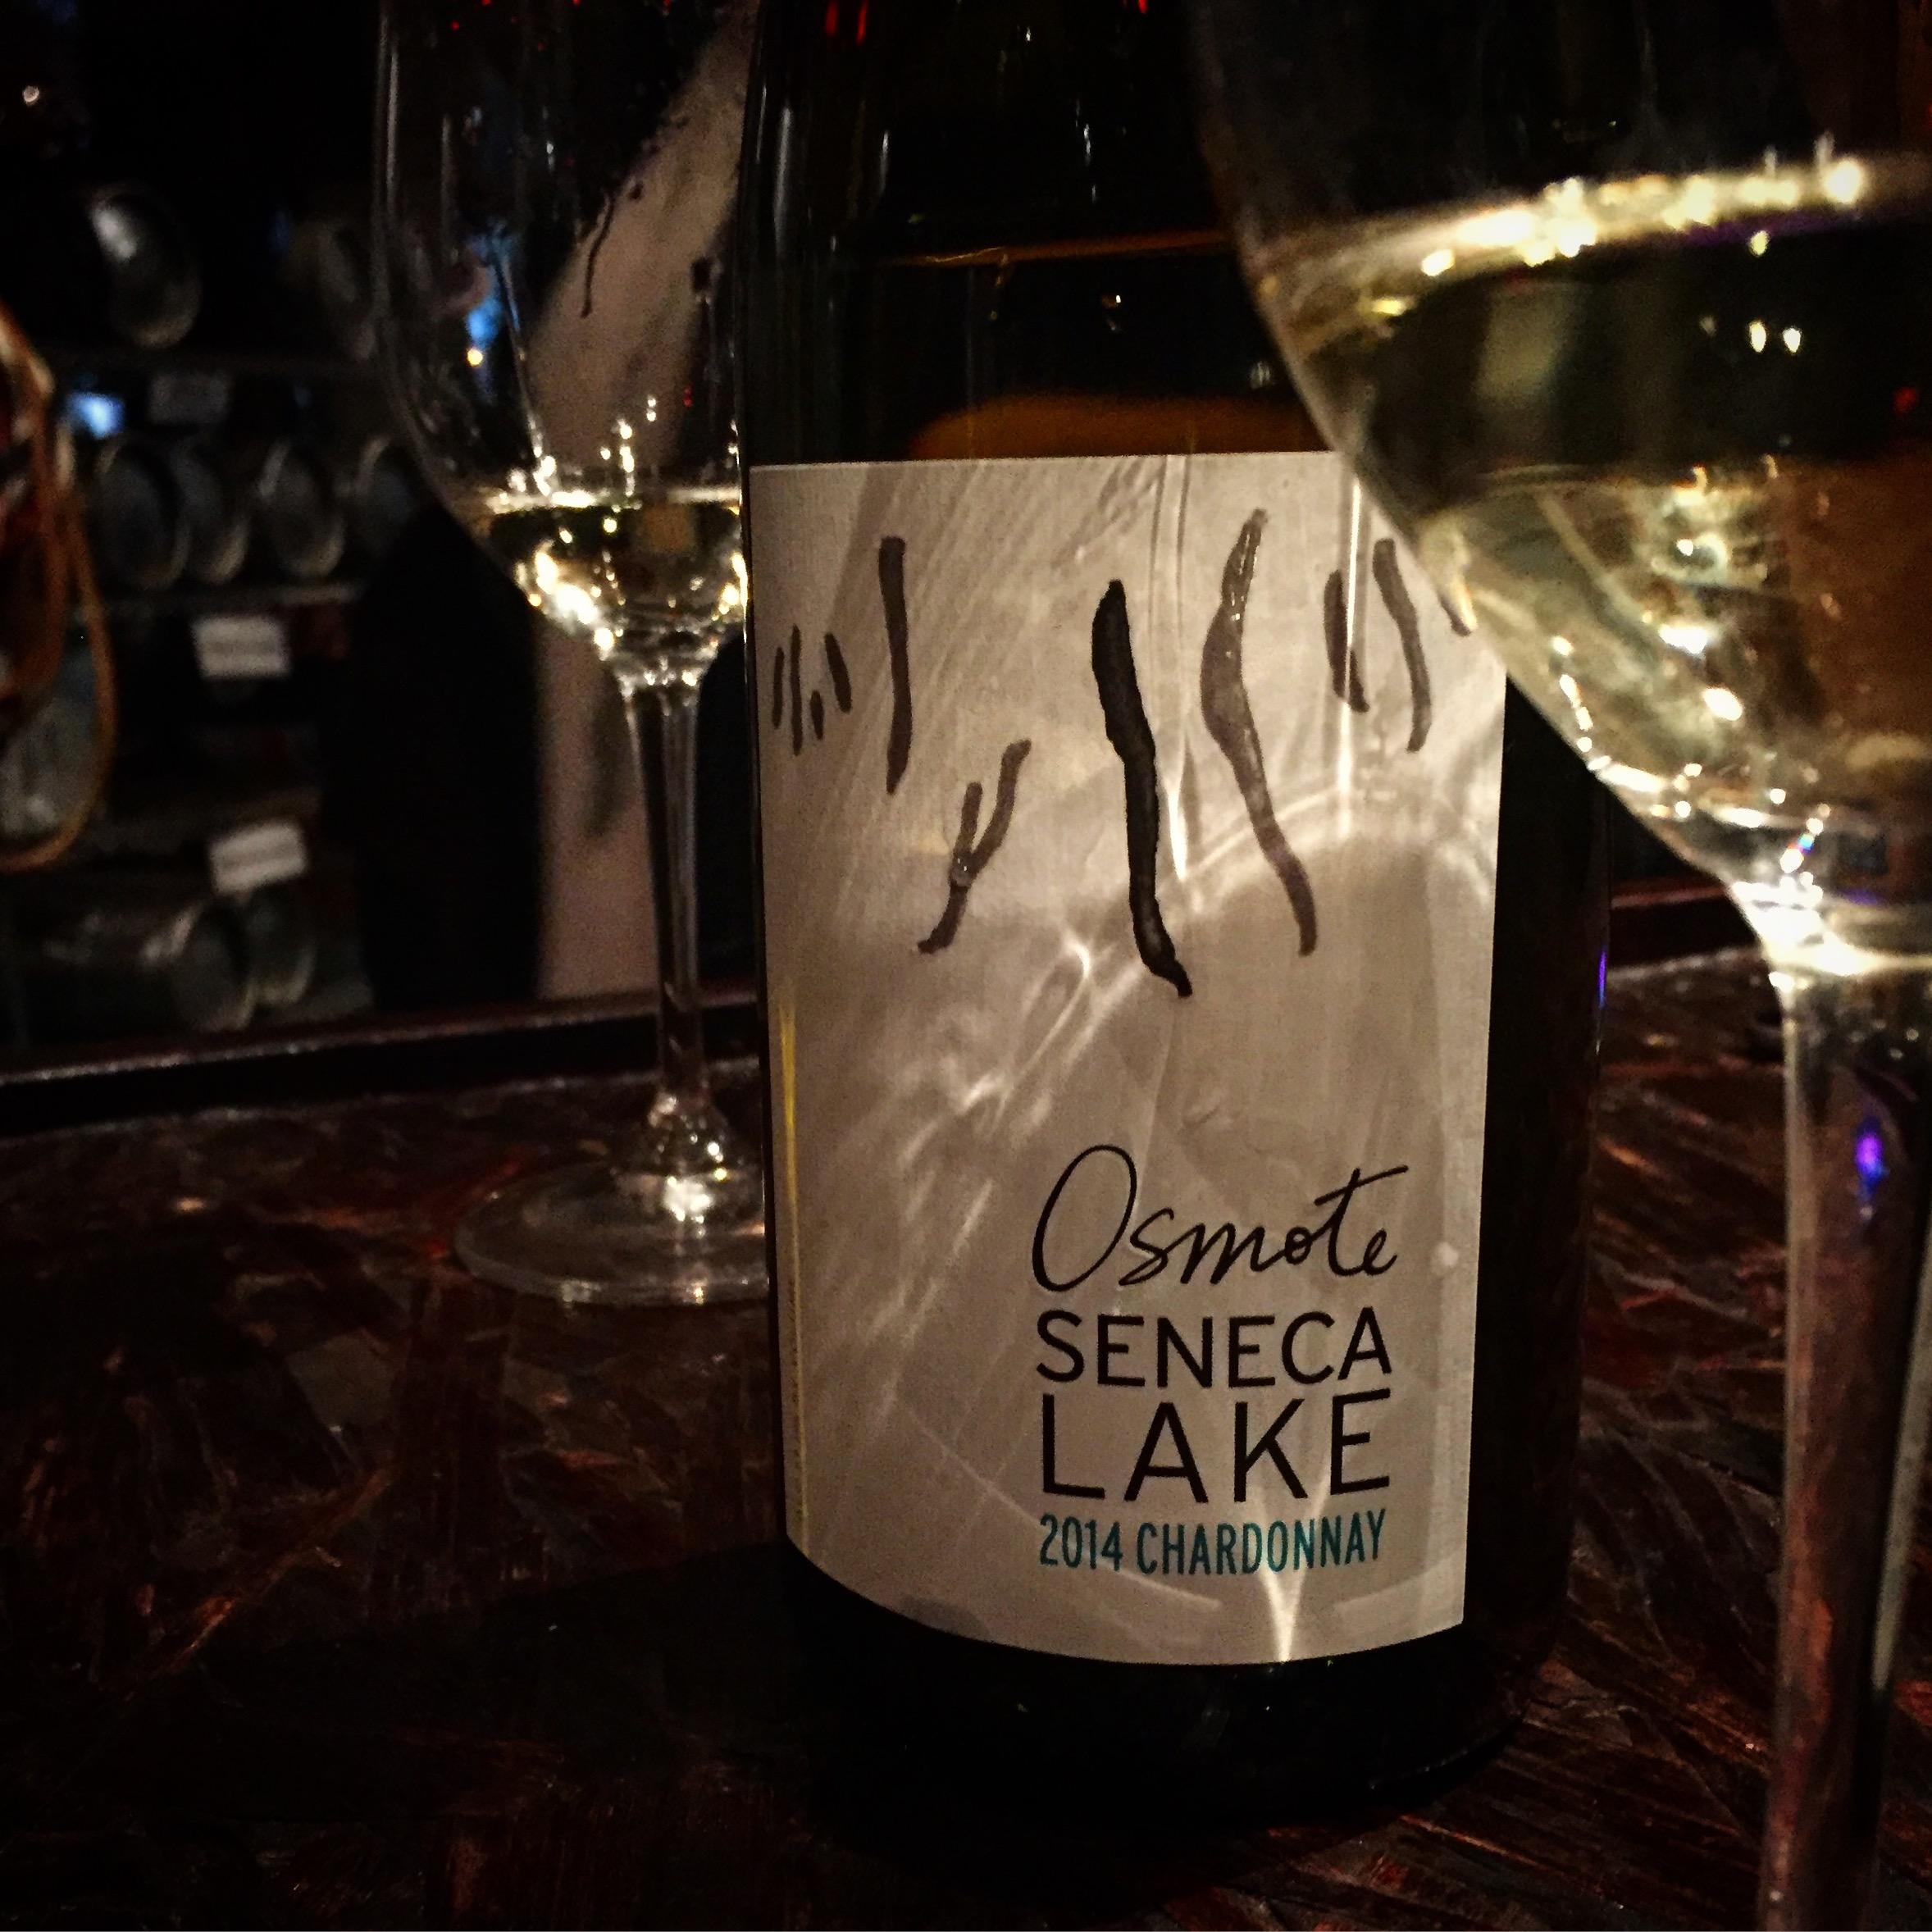 OSMOTe wine - Established 2014